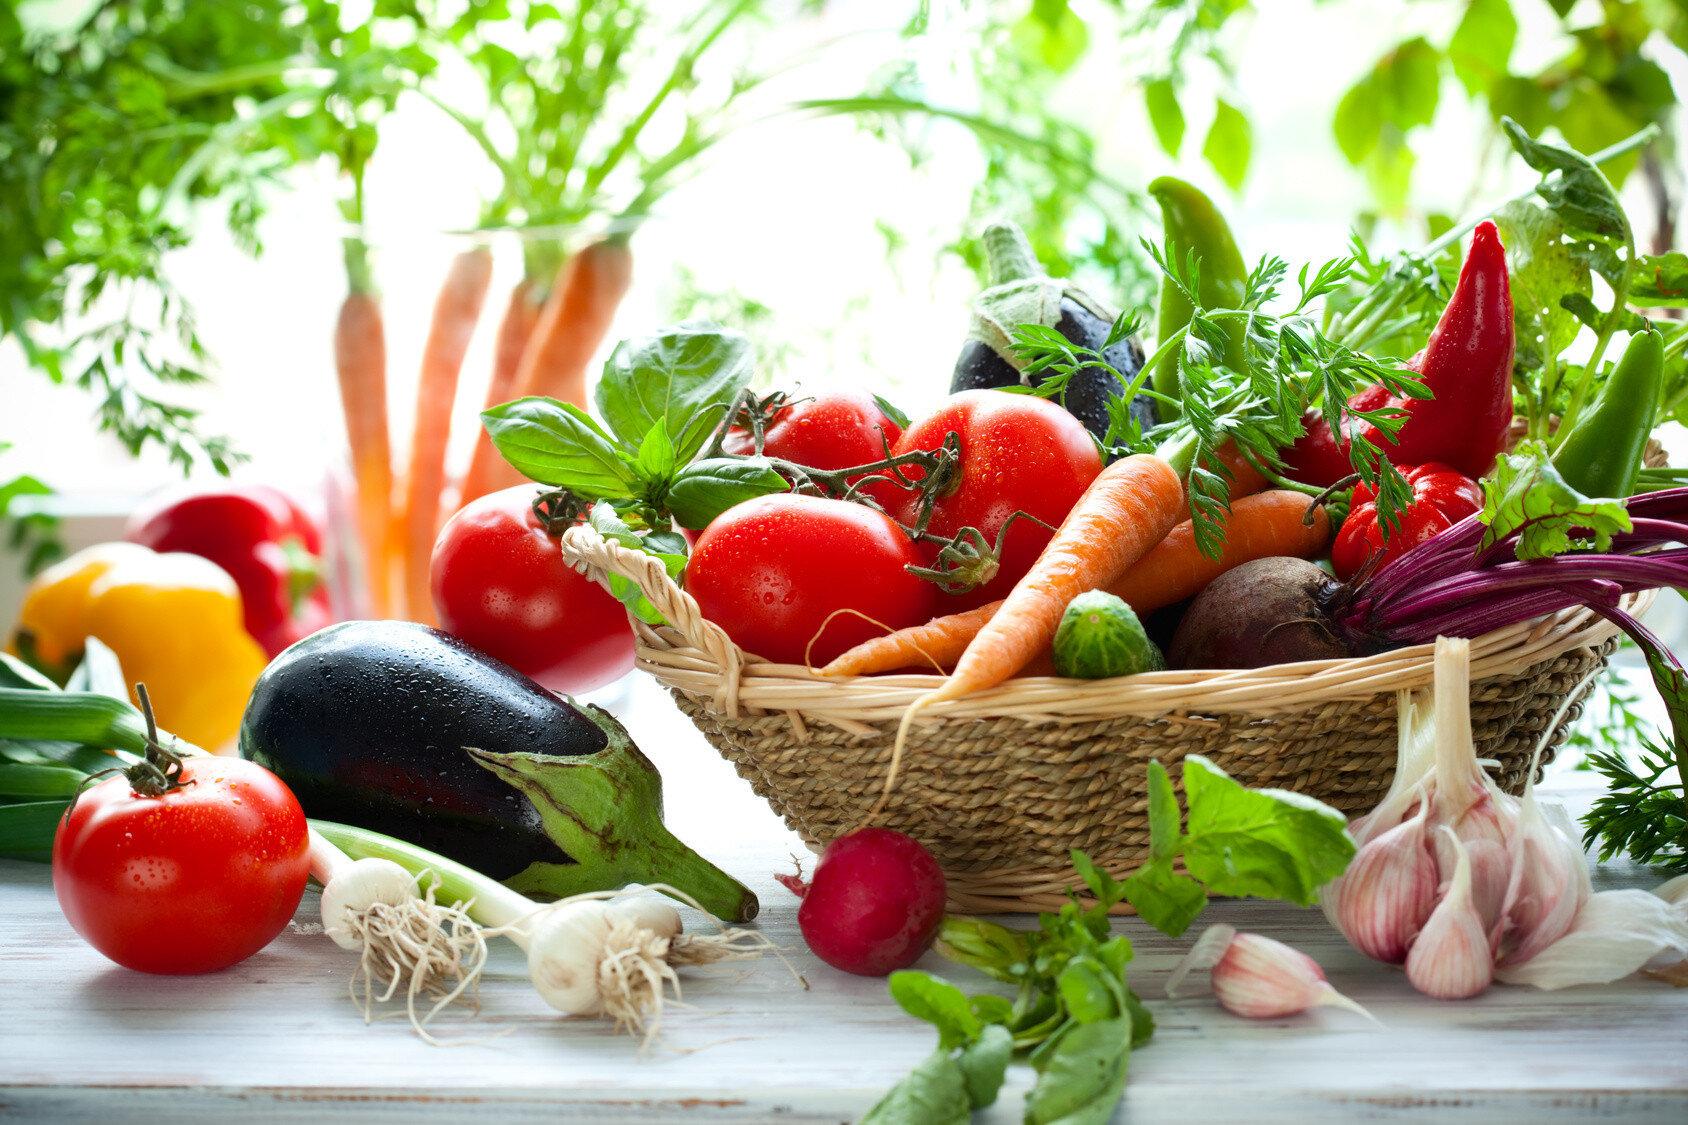 Những lý do nên sử dụng thực phẩm có nguồn gốc hữu cơ